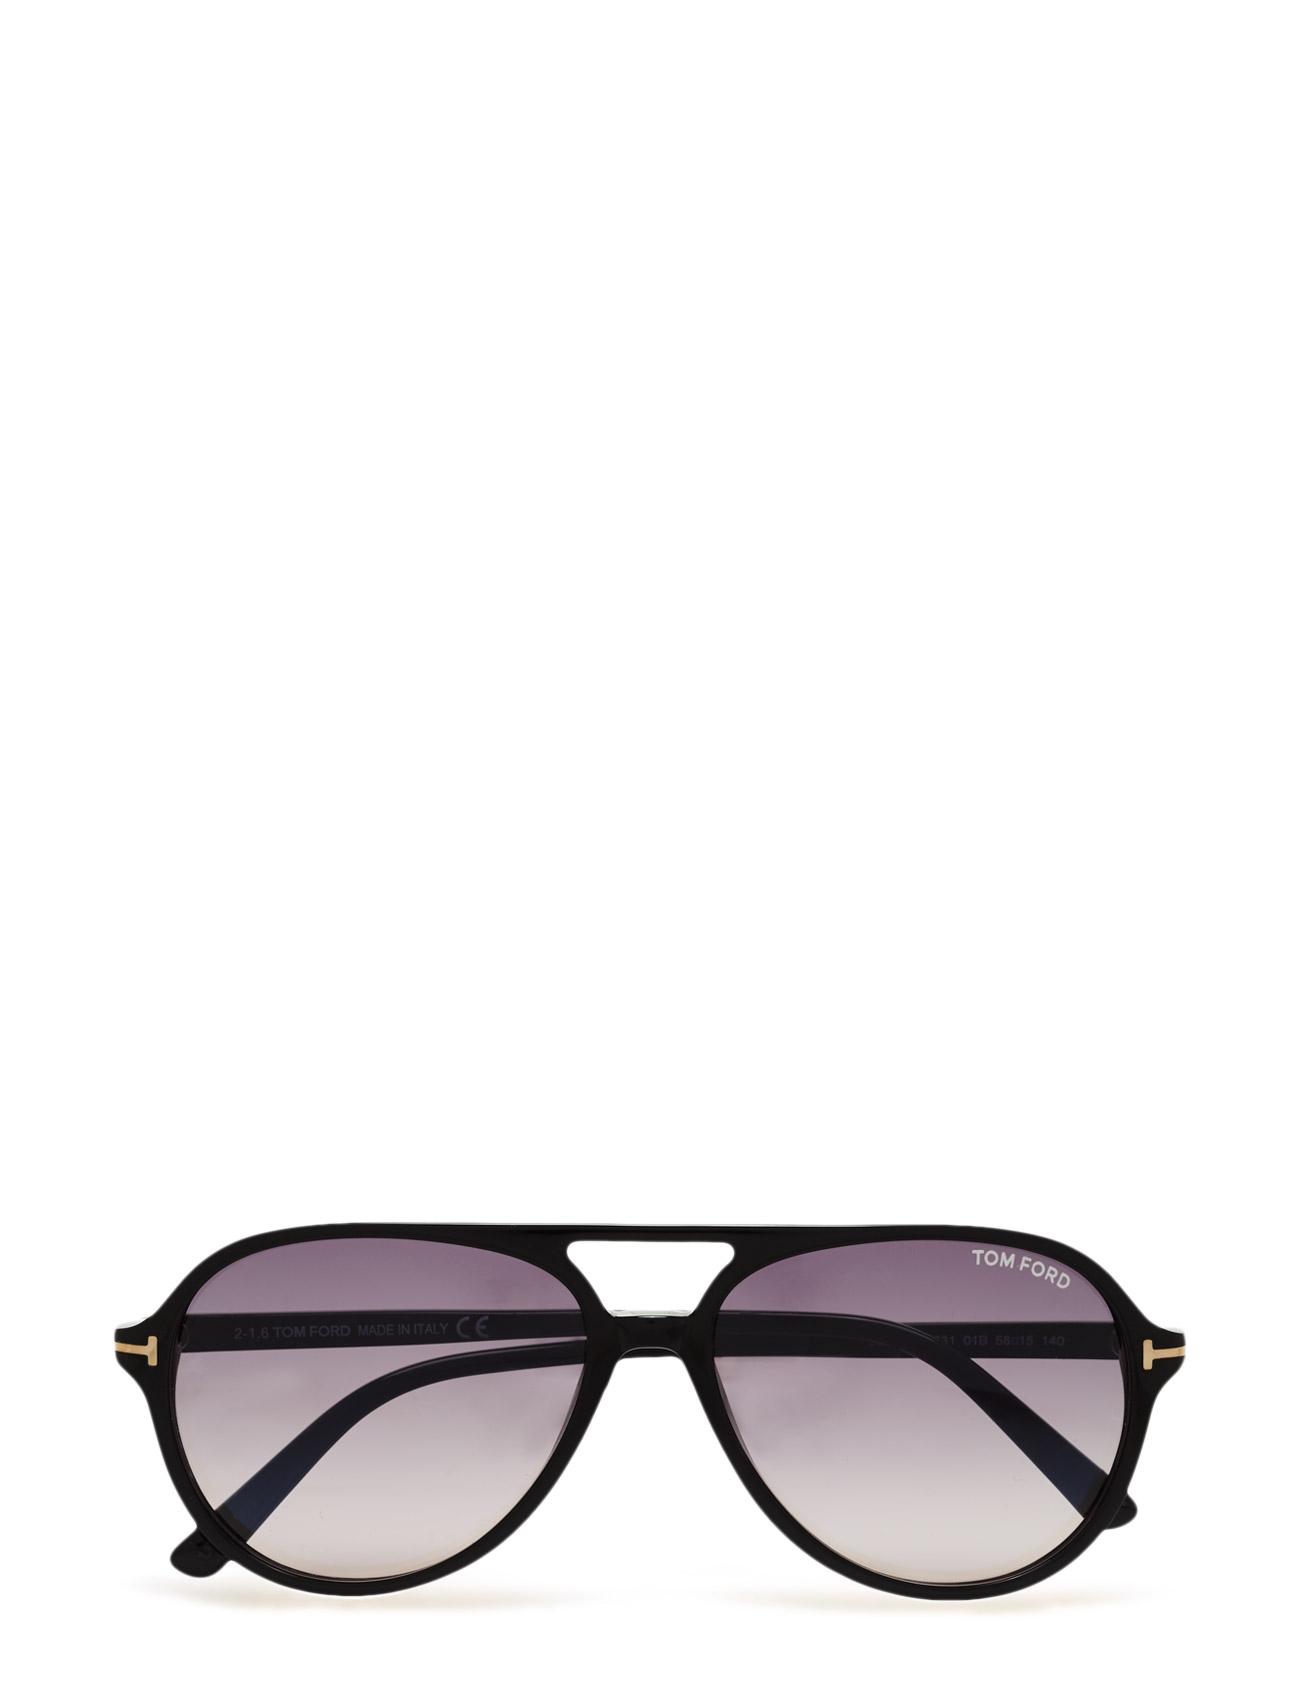 Tom Ford Jared Tom Ford Sunglasses Solbriller til Unisex i